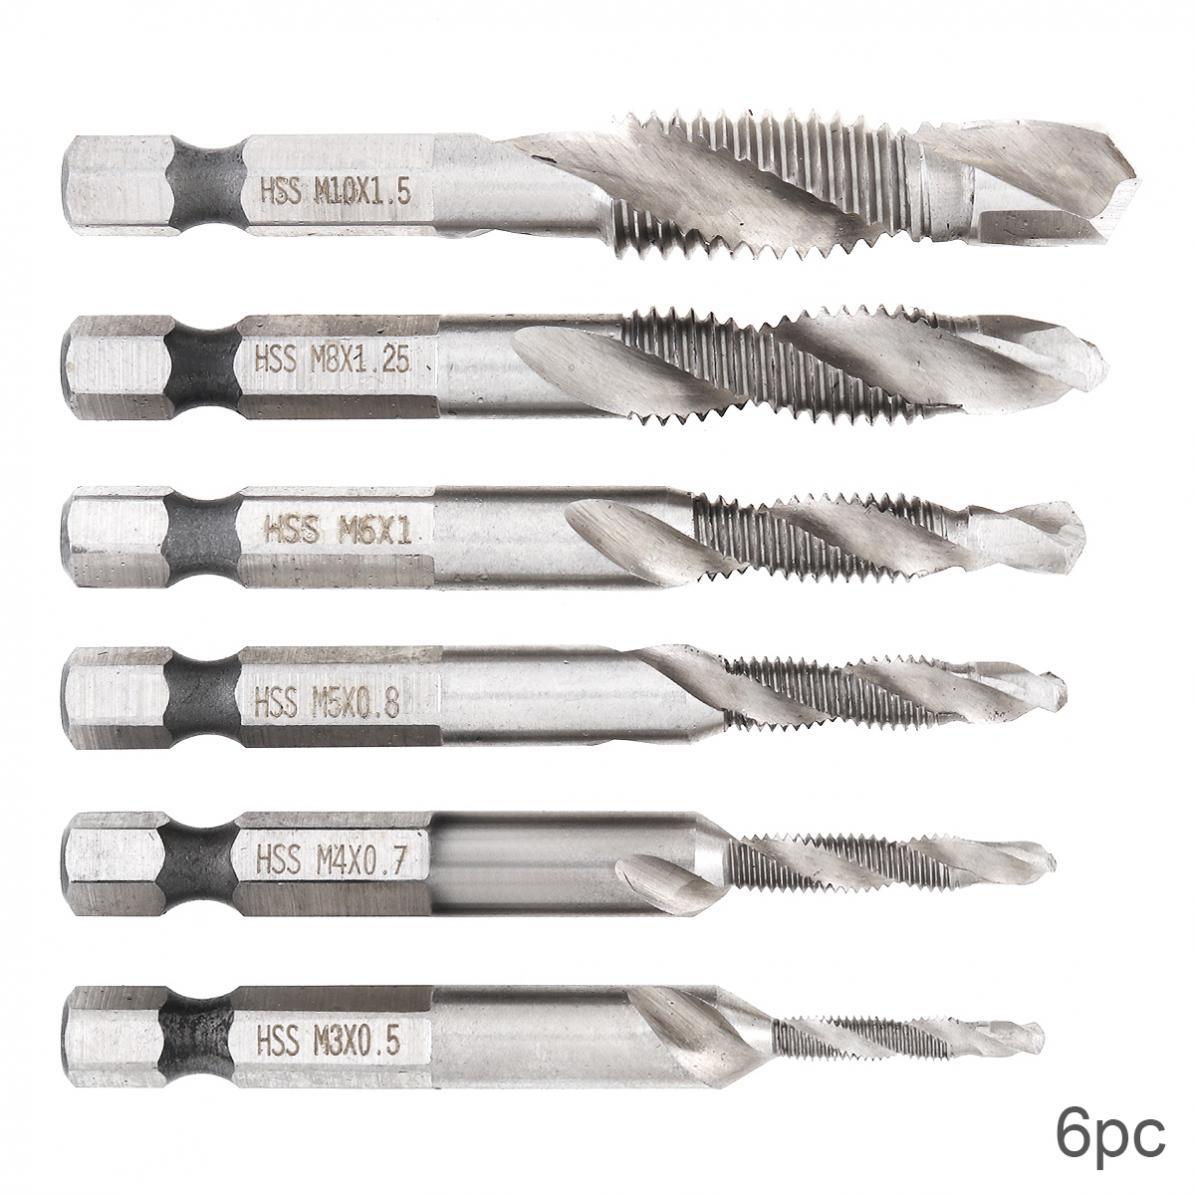 6 Pcs / Set High Speed Steel Drill Bits Hex Shank HSS Screw Bit Screw Point Metric Thread Male Drill Fit For Drill Bit